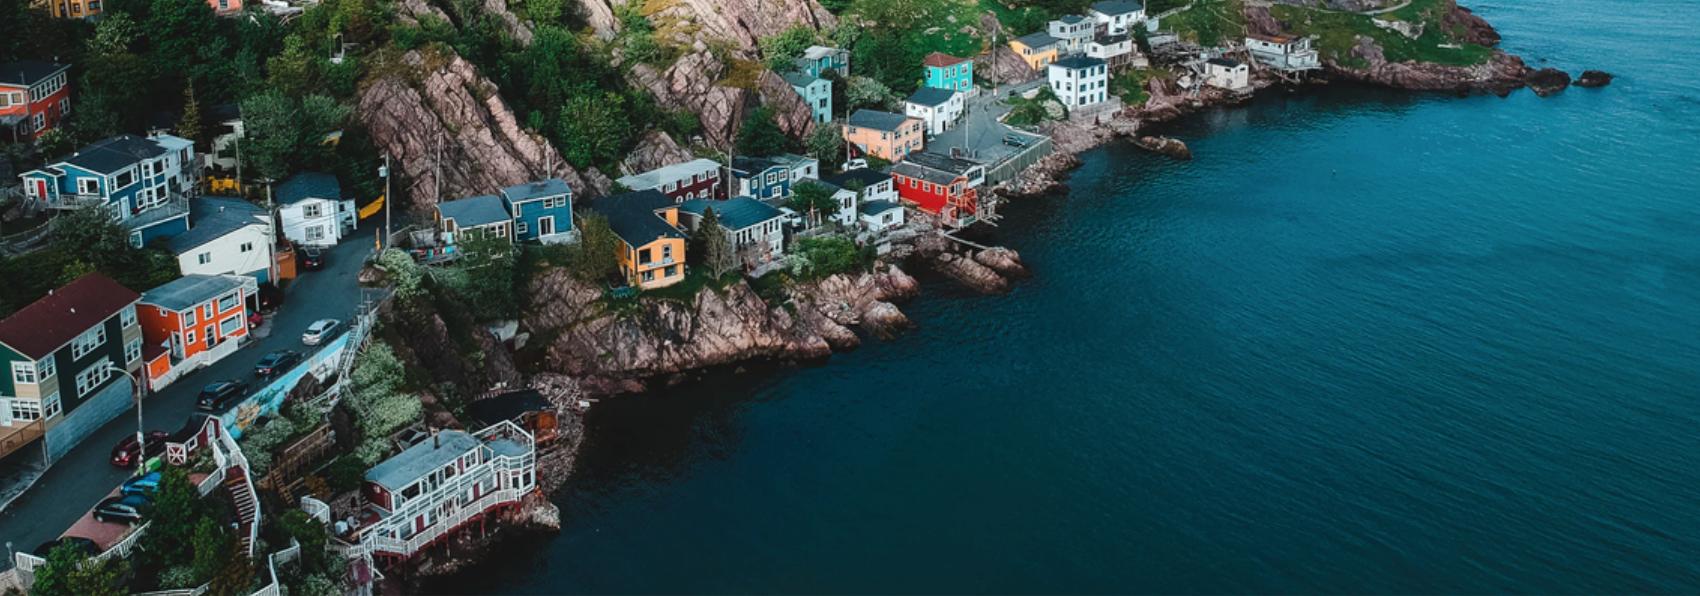 Newfoundland & Labrador Partners